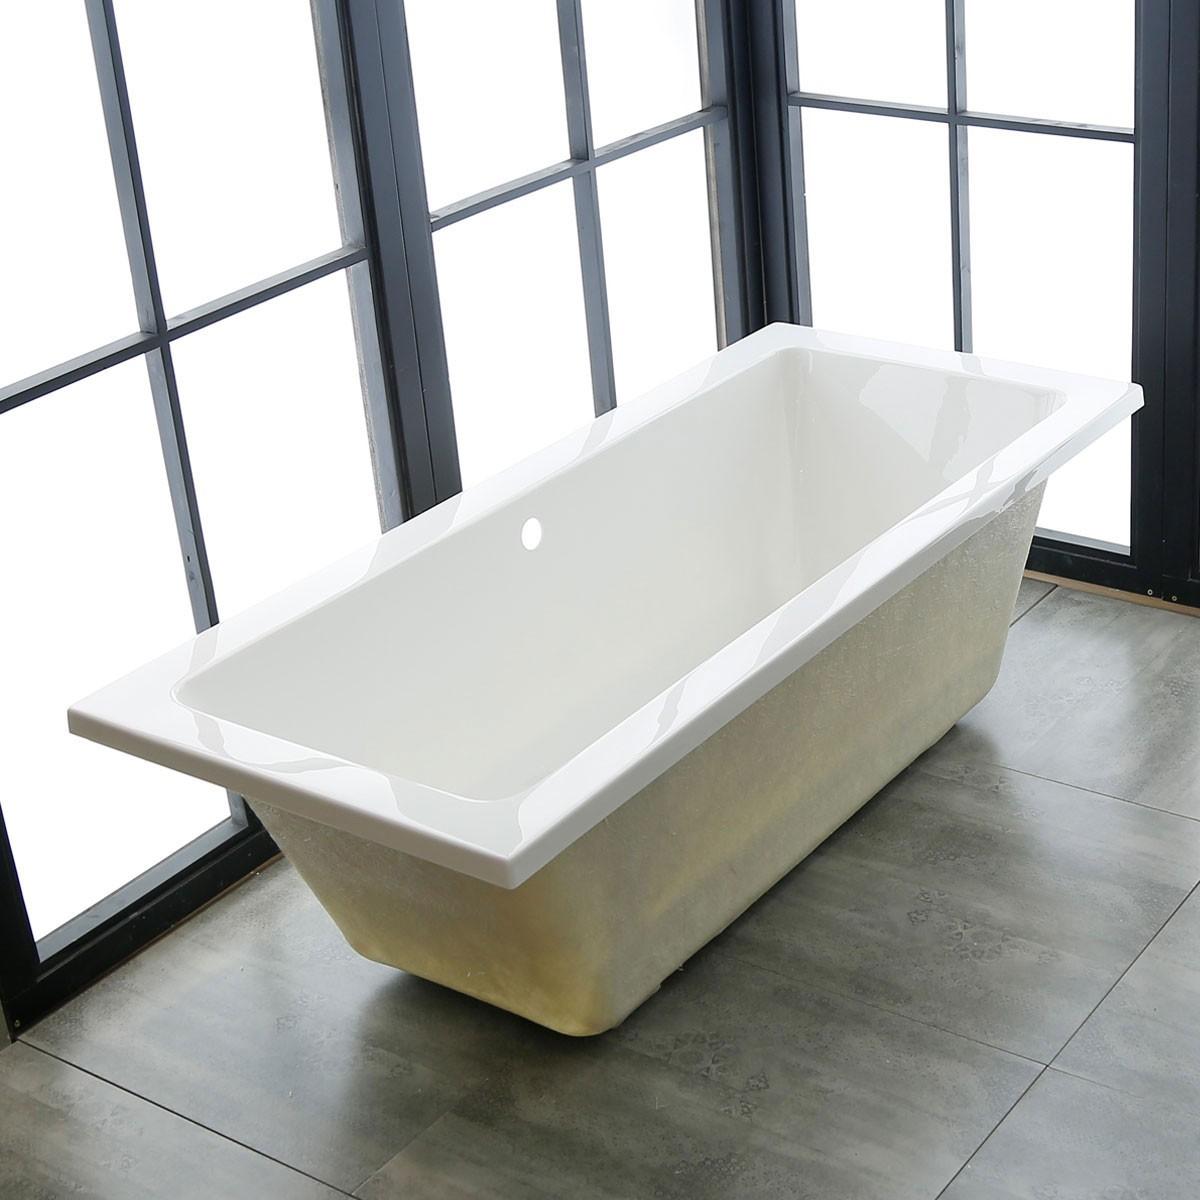 60 po baignoire encastrable blanche en acrylique de salle de bain dk 1565 et decoraport canada Baignoire acrylique salle bains